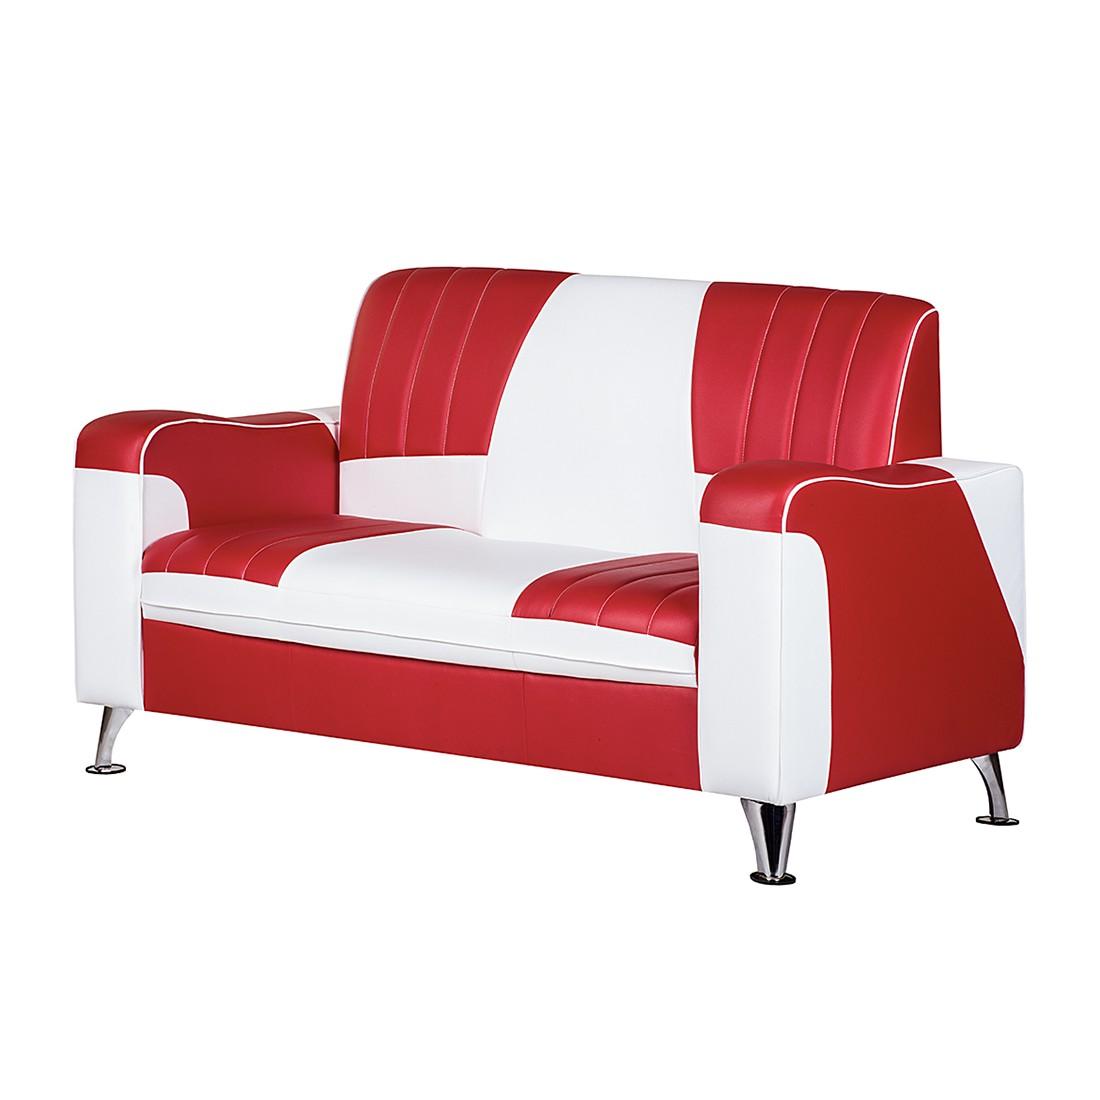 Canapé Nixa (2 places) - Cuir synthétique - Rouge / Blanc, Studio Monroe